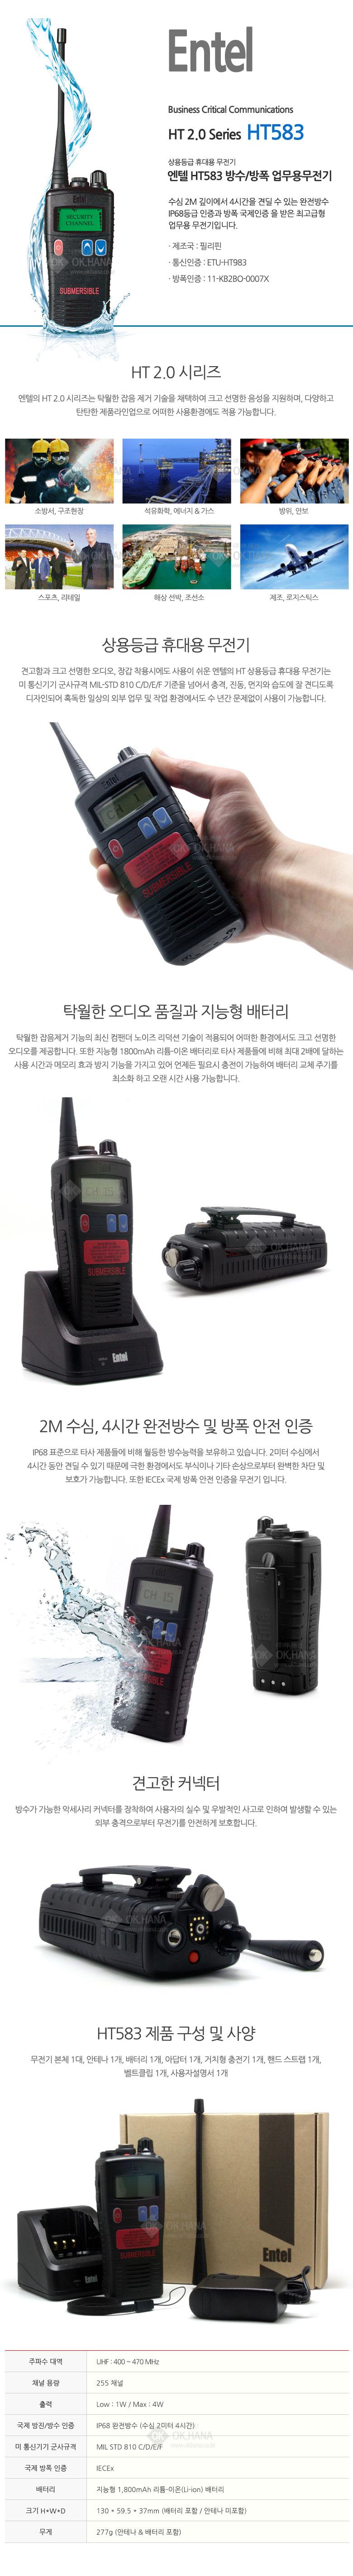 엔텔 방폭무전기 ht-583